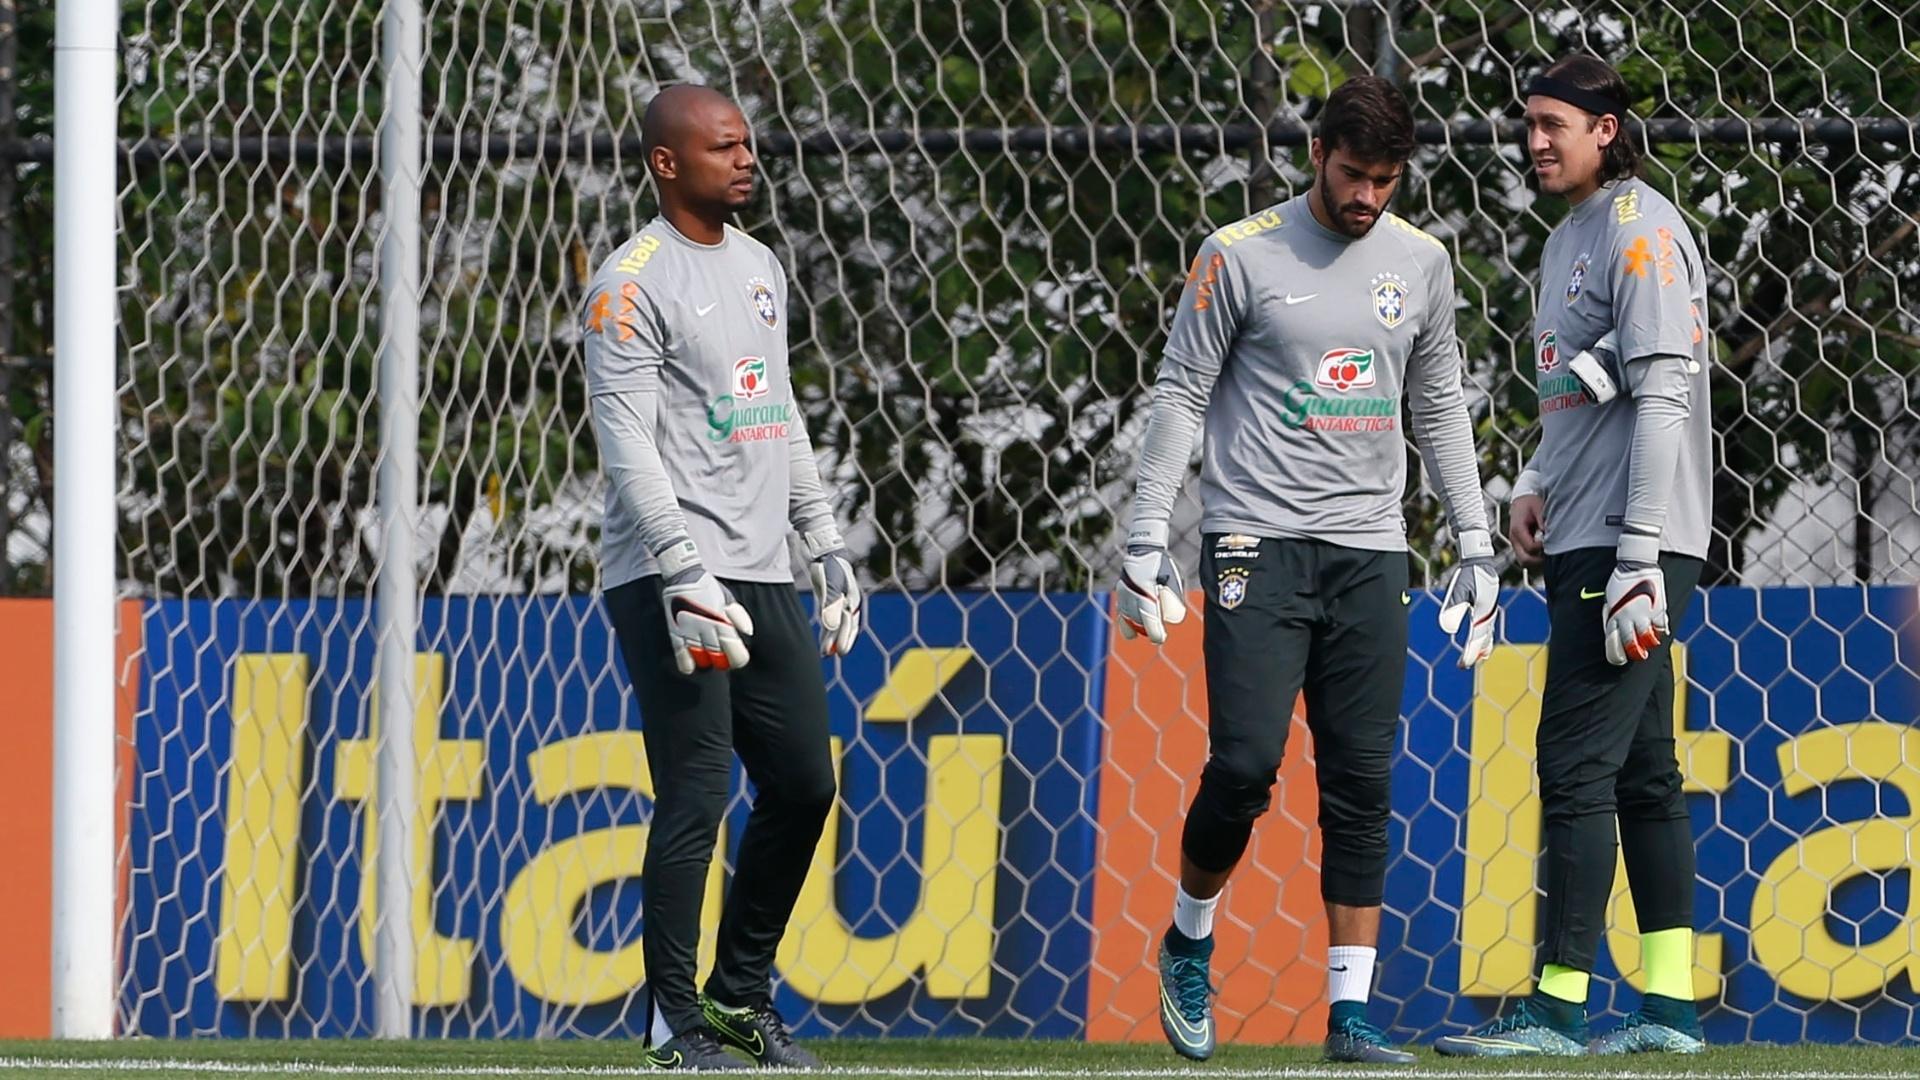 Goleiros treinam no CT do Corinthians com a seleção brasileira